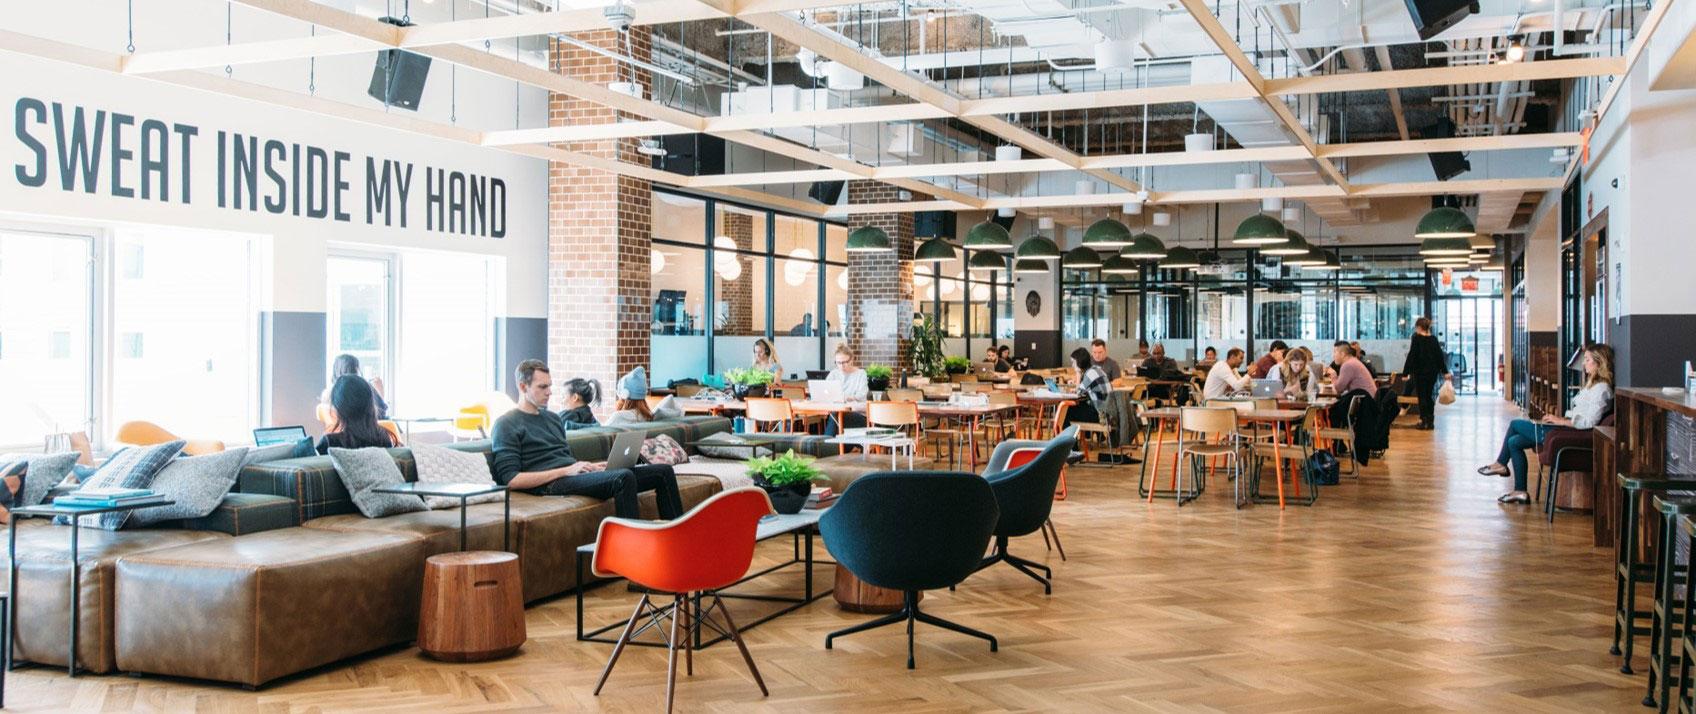 Locaux bureaux : comment choisir une implantation géographique stratégique ?